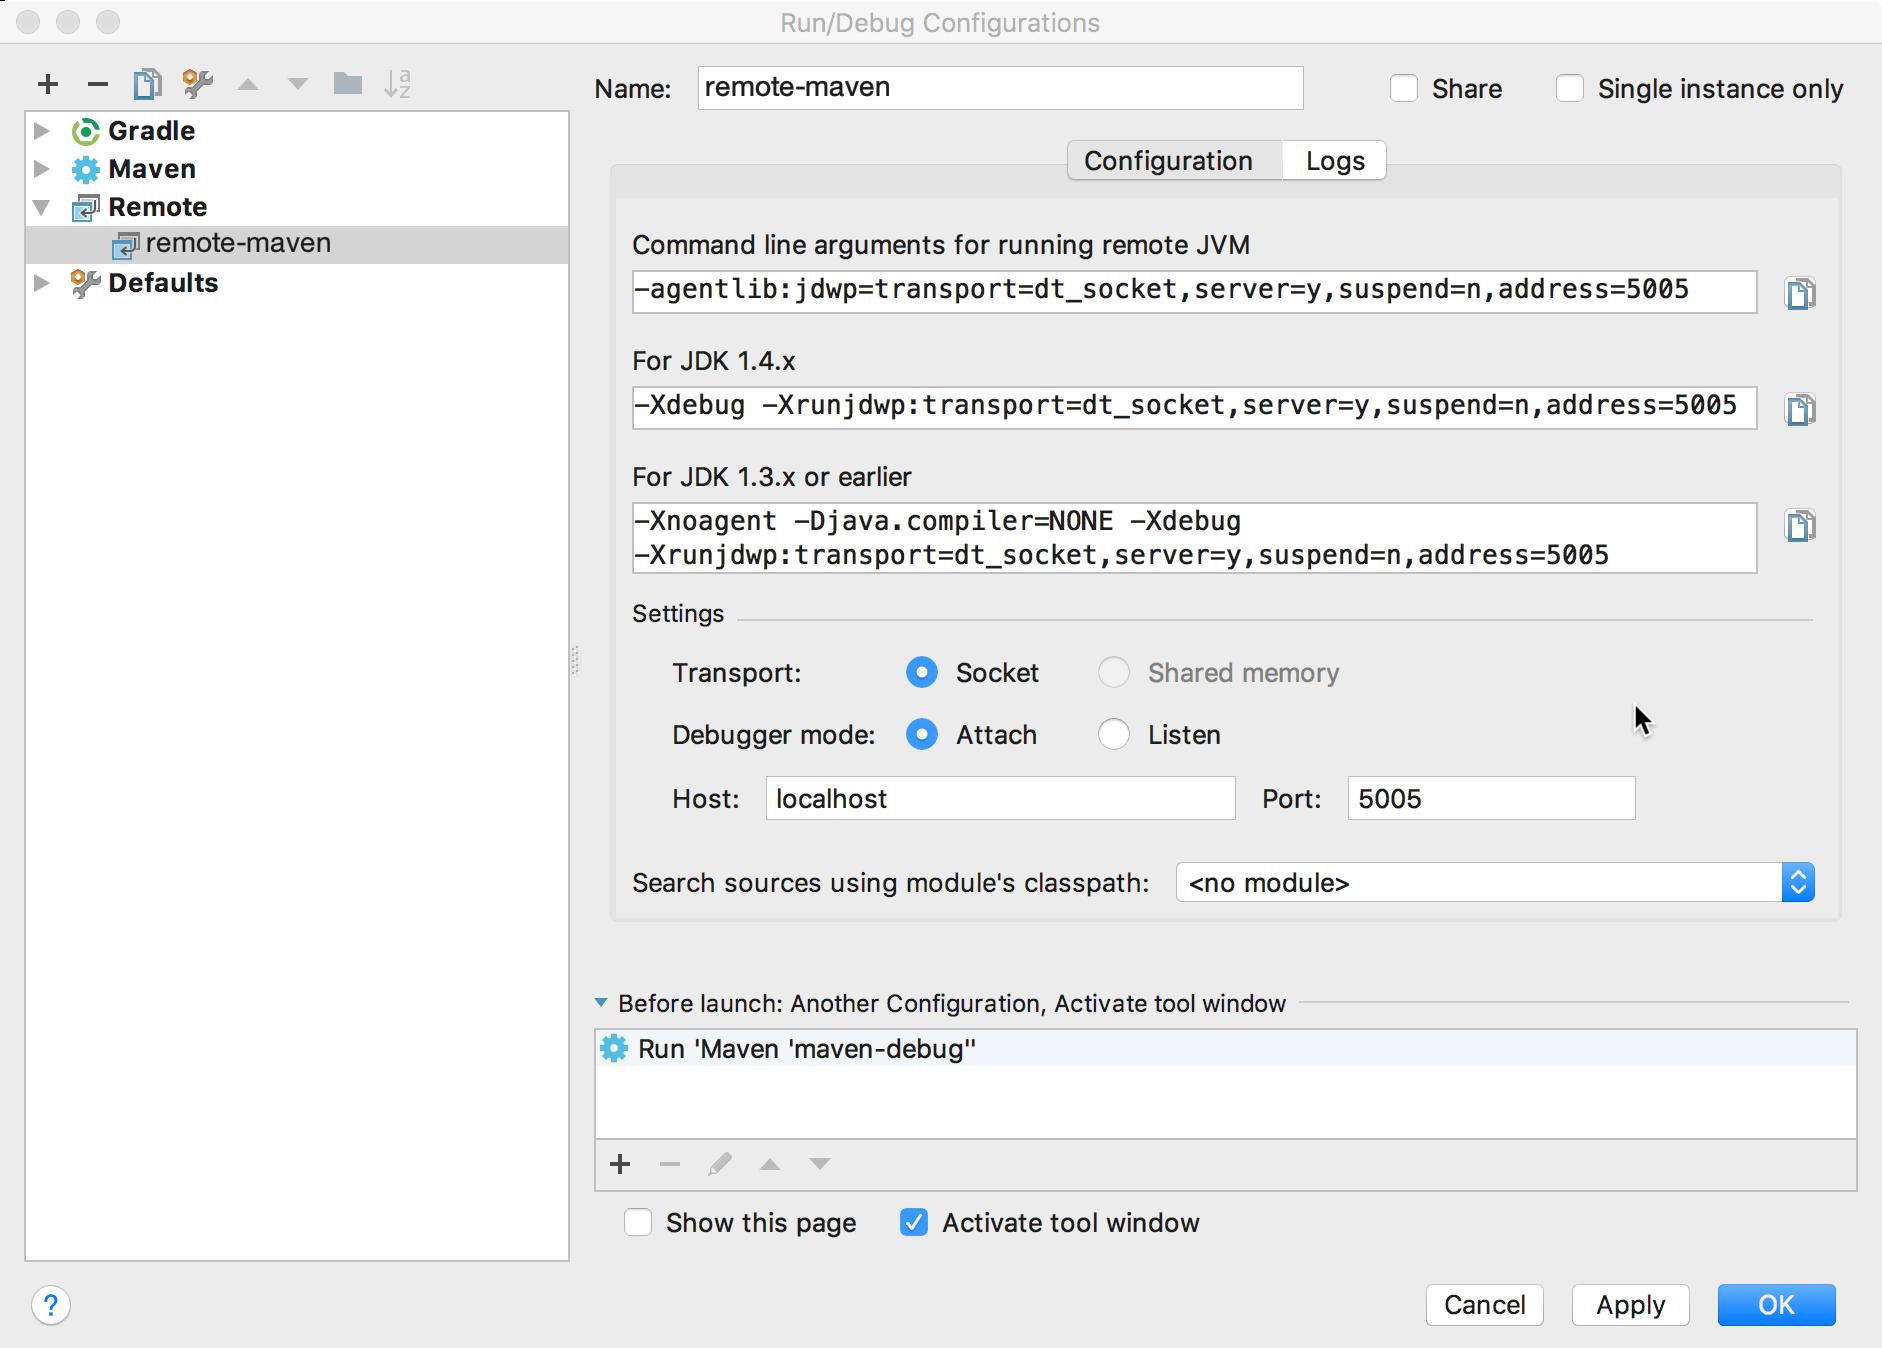 """Capture d'écran montrant la boîte de dialogue """"Run/Debug Configurations"""" (Configurations d'exécution/de débogage)."""